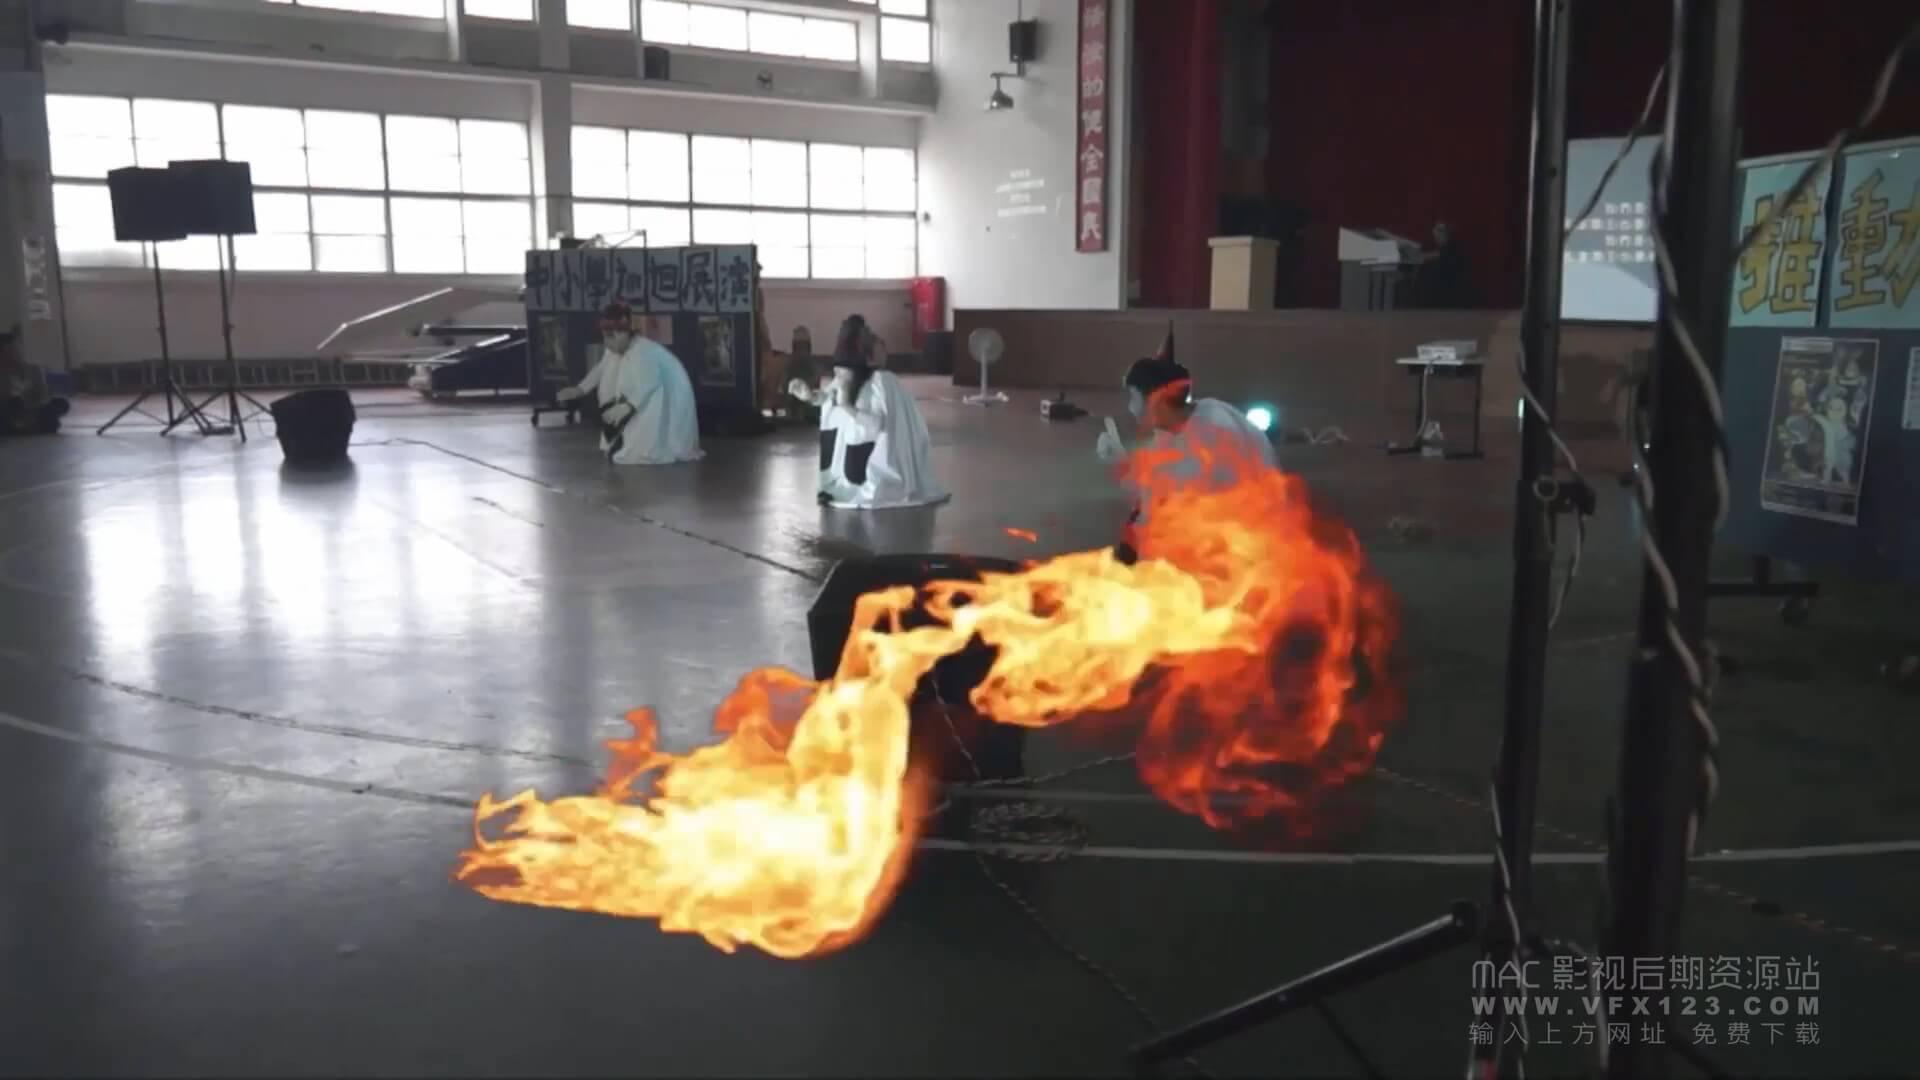 第32课: 如何在Final Cut Pro X中制作雷电与火焰效果